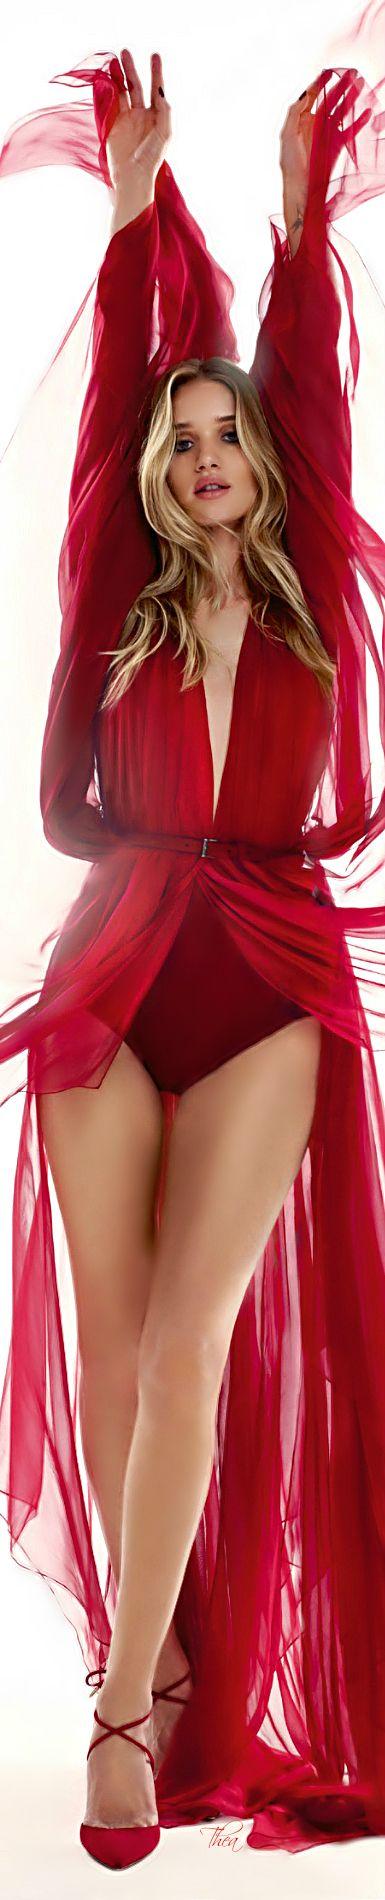 Aries Goddess - Rosie Huntington-Whiteley ● Harper's Bazaar UK September 2014 - http://www.simplysunsigns.com/